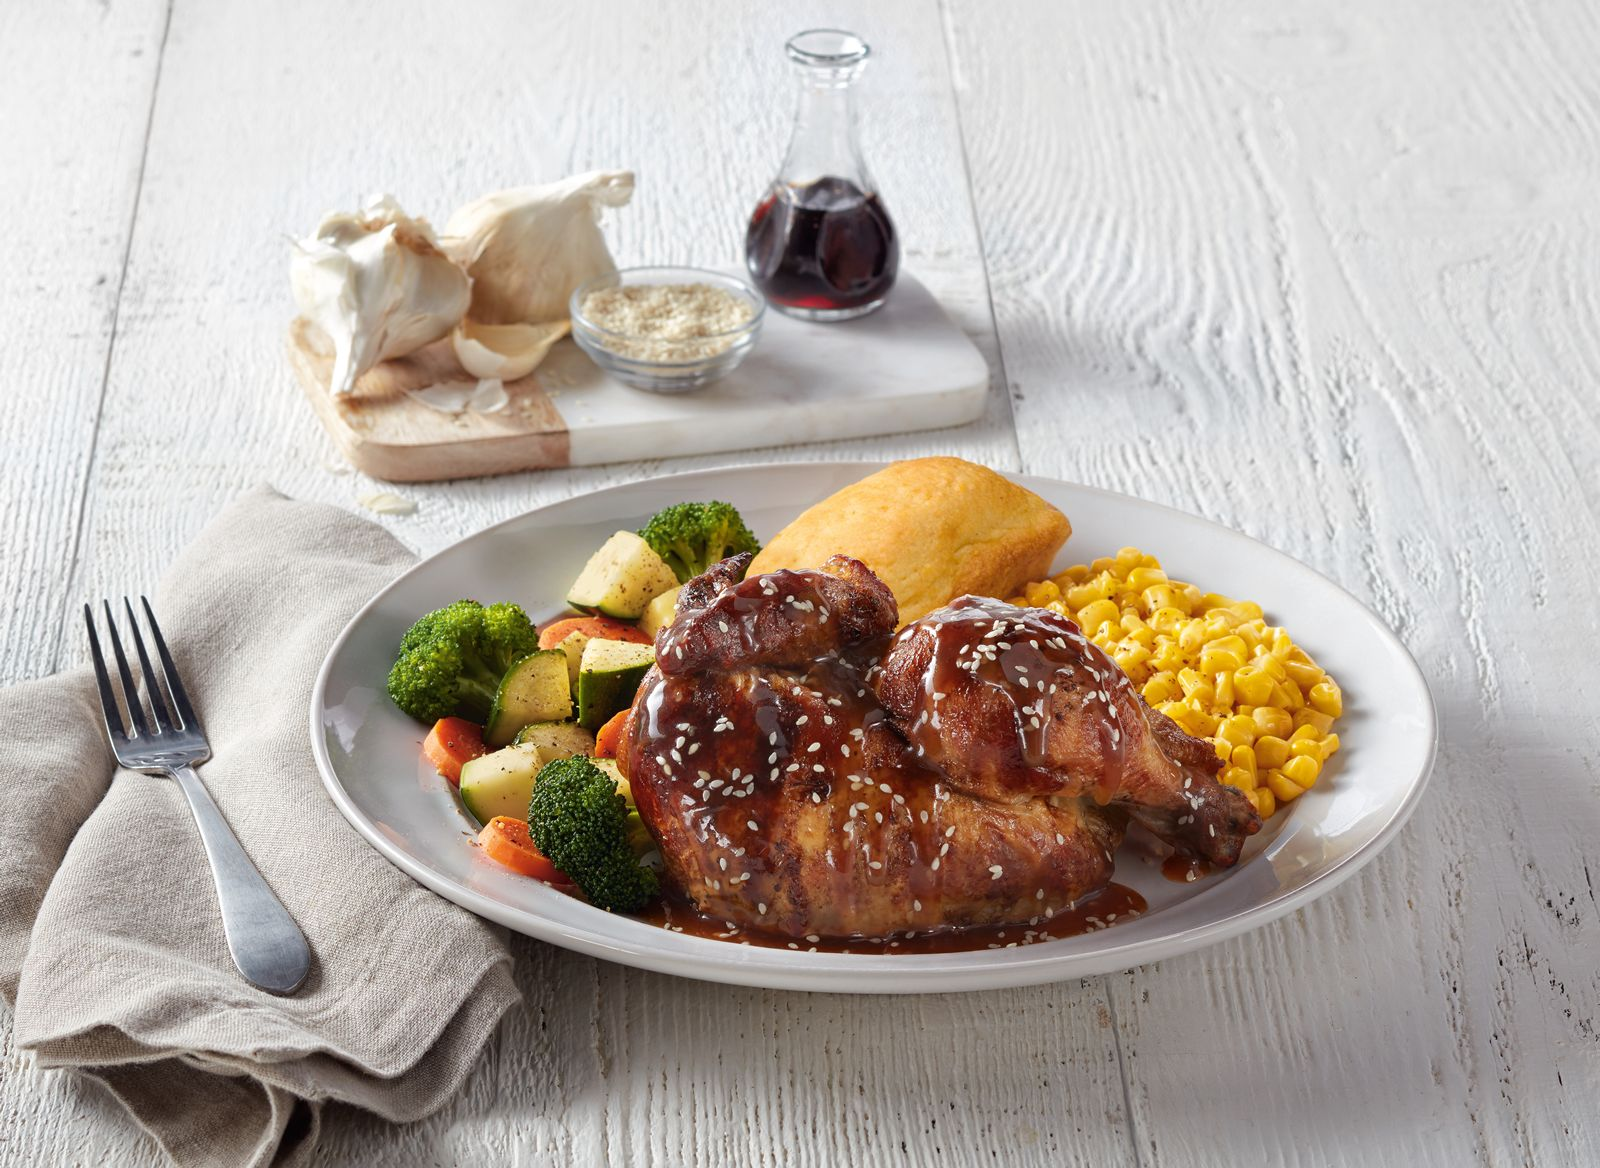 Boston Market Sesame Rotisserie Chicken